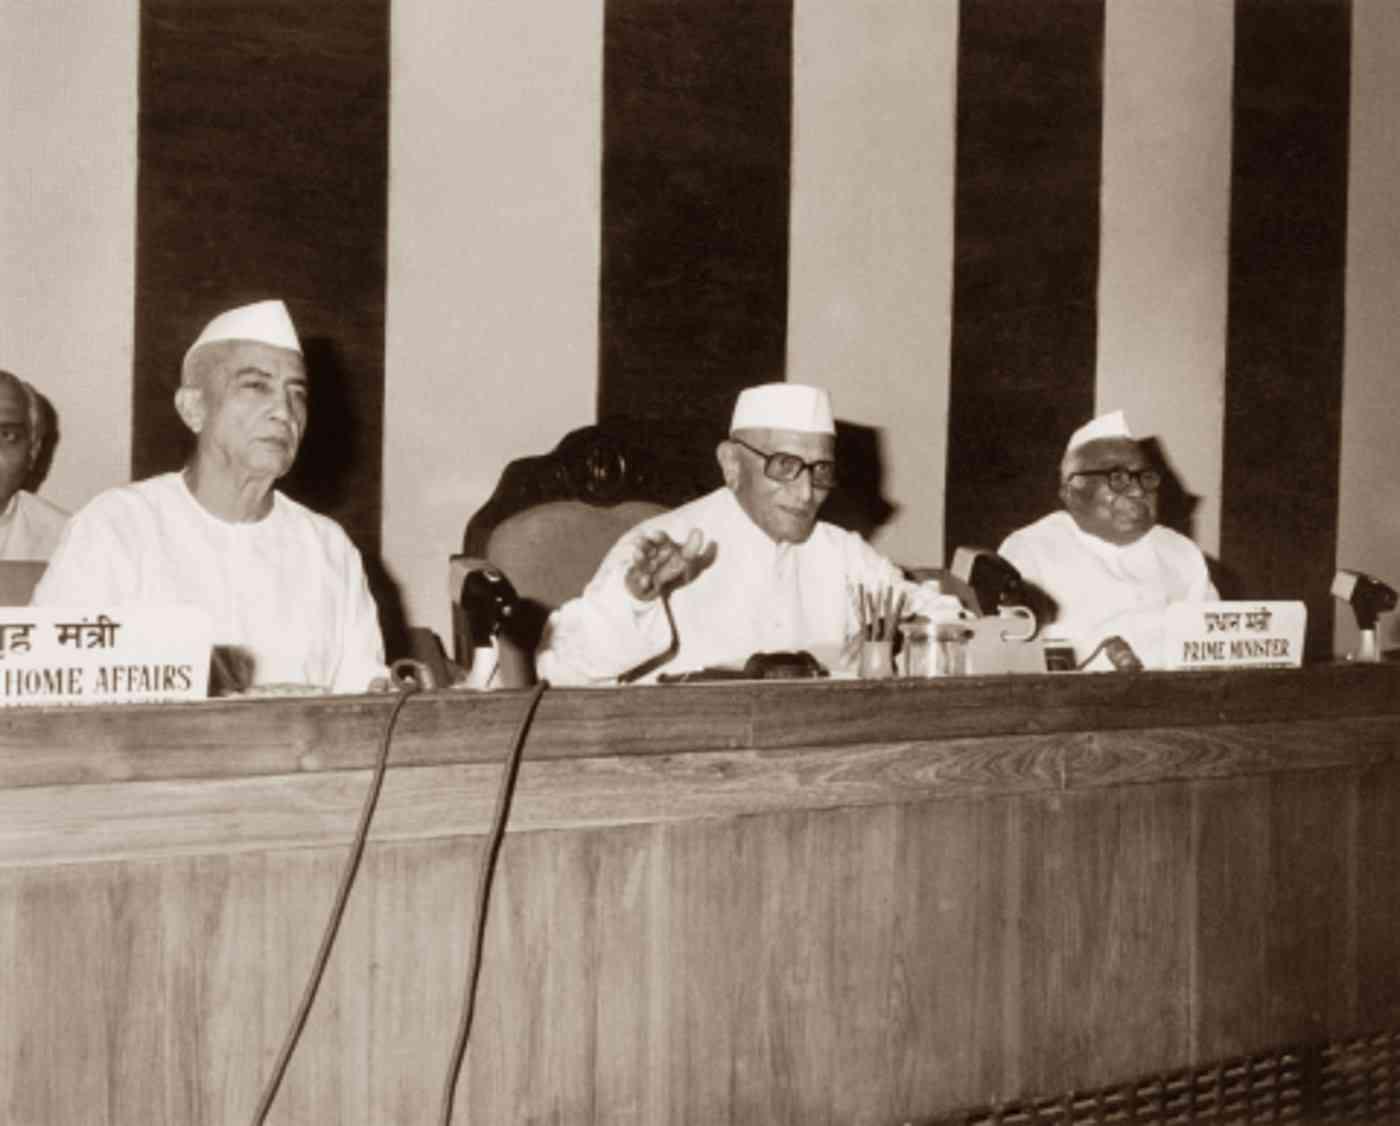 Left to right: Charan Singh, Morarji Desai and Jagjivan Ram.